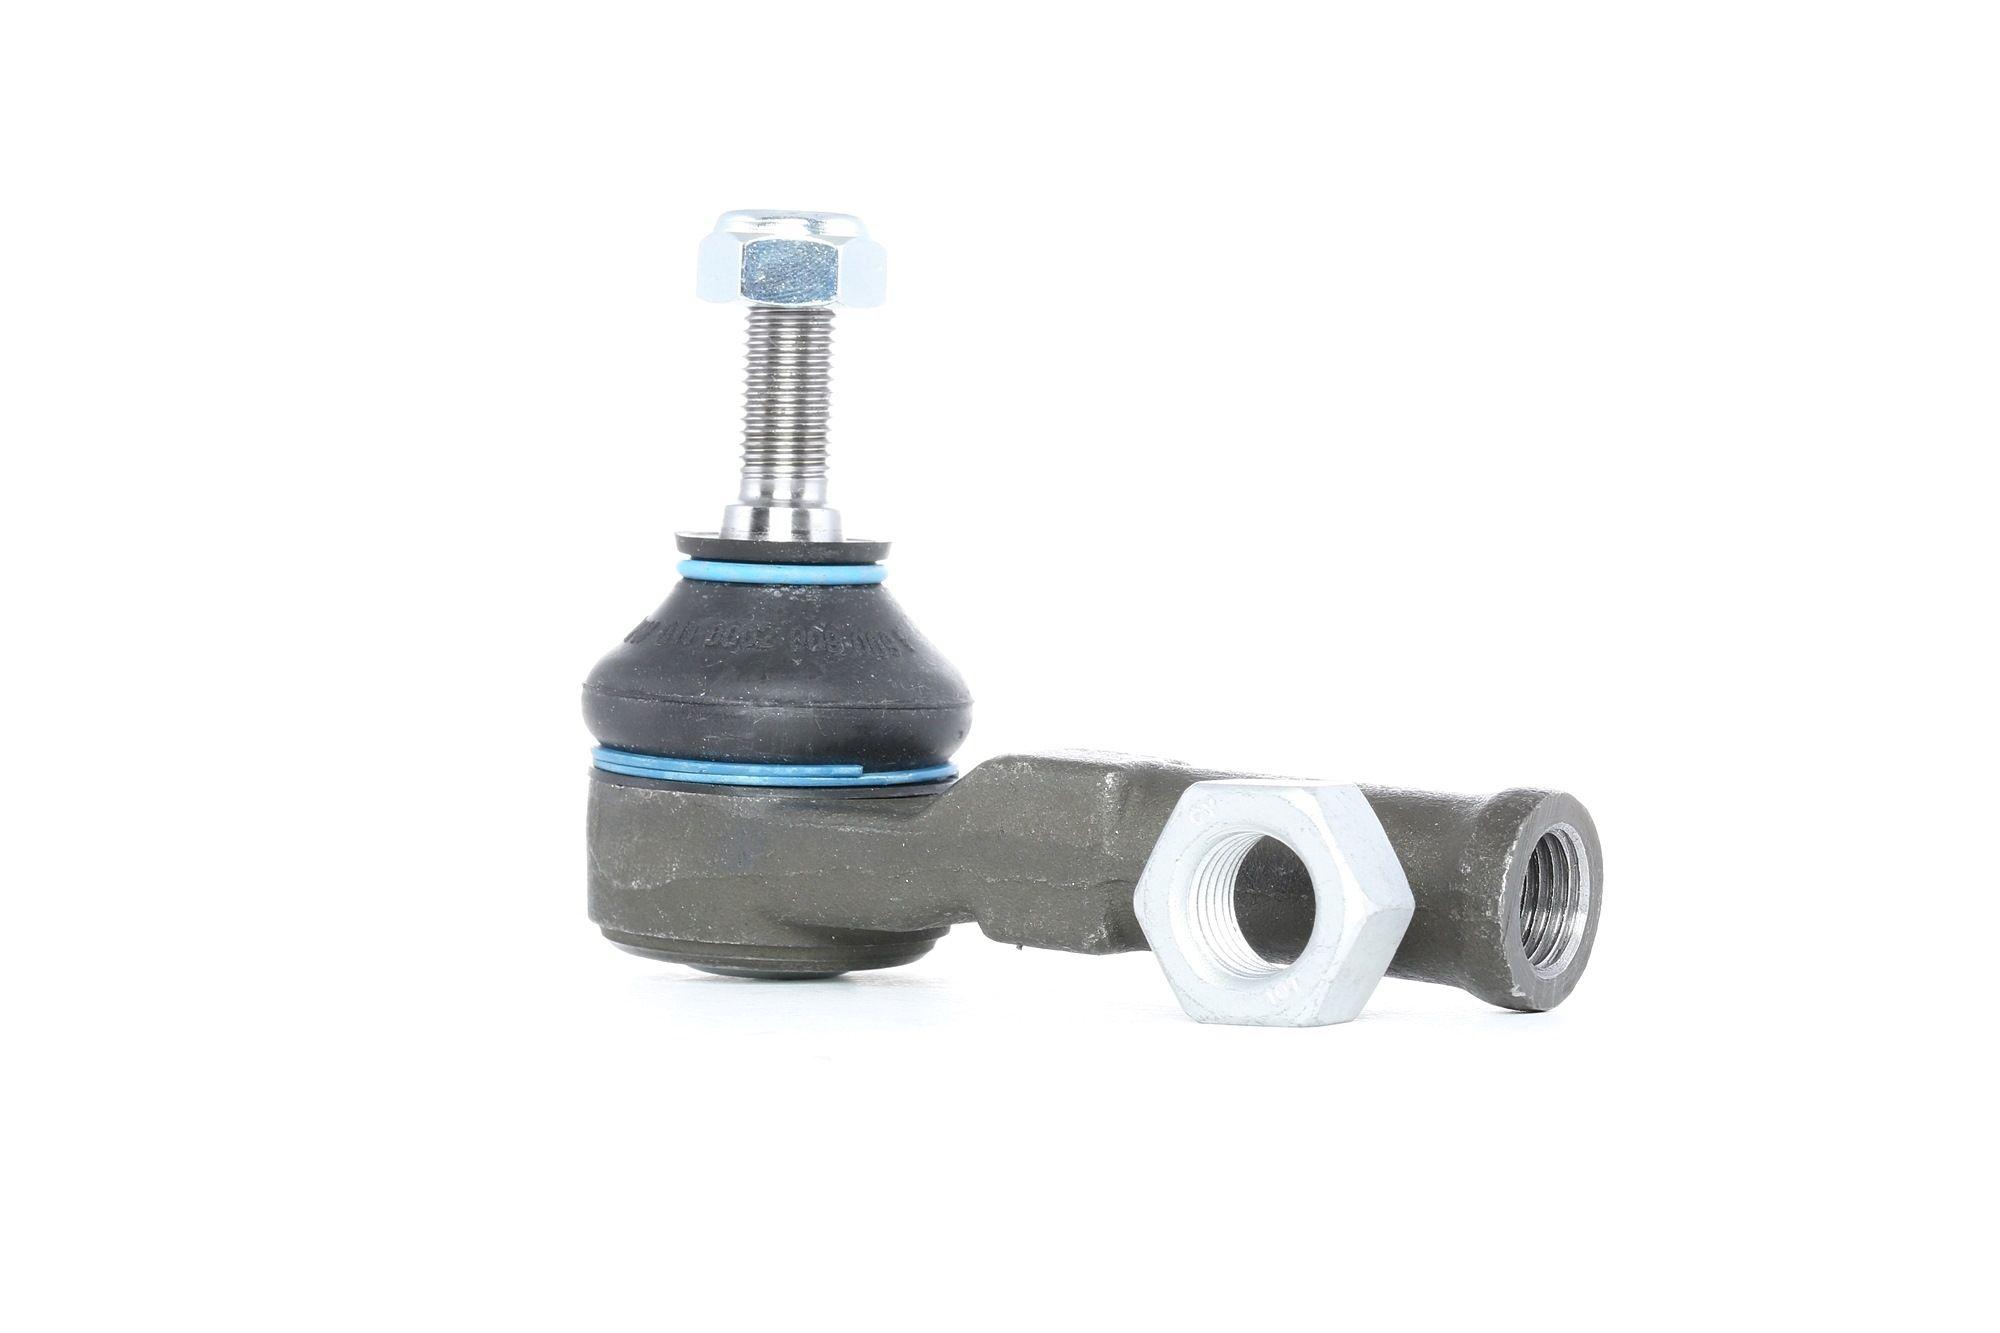 TRW JTE775 (Dimension du cône: 14mm, Filetage: M10x1,25) : Pièces de direction Renault Kangoo kc01 2013